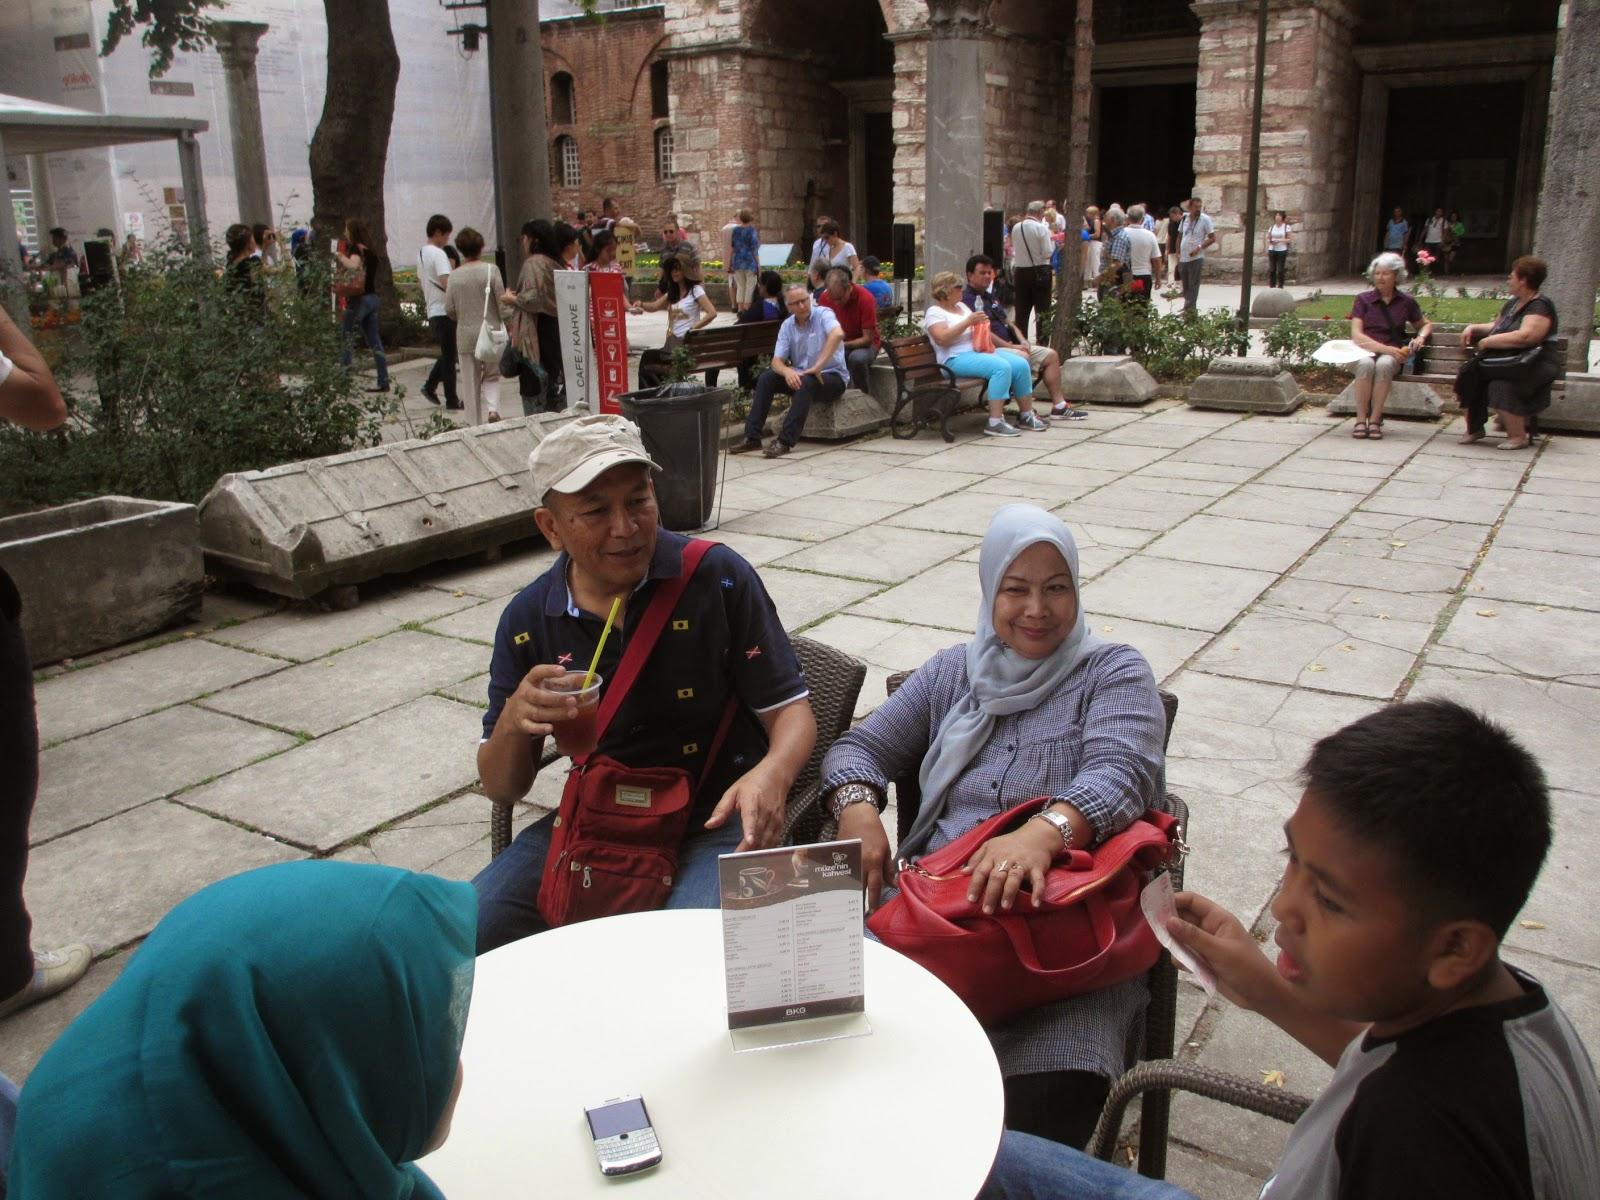 Travel Umroh Jakarta 2015 Terbaik Bagus dan Terpercaya